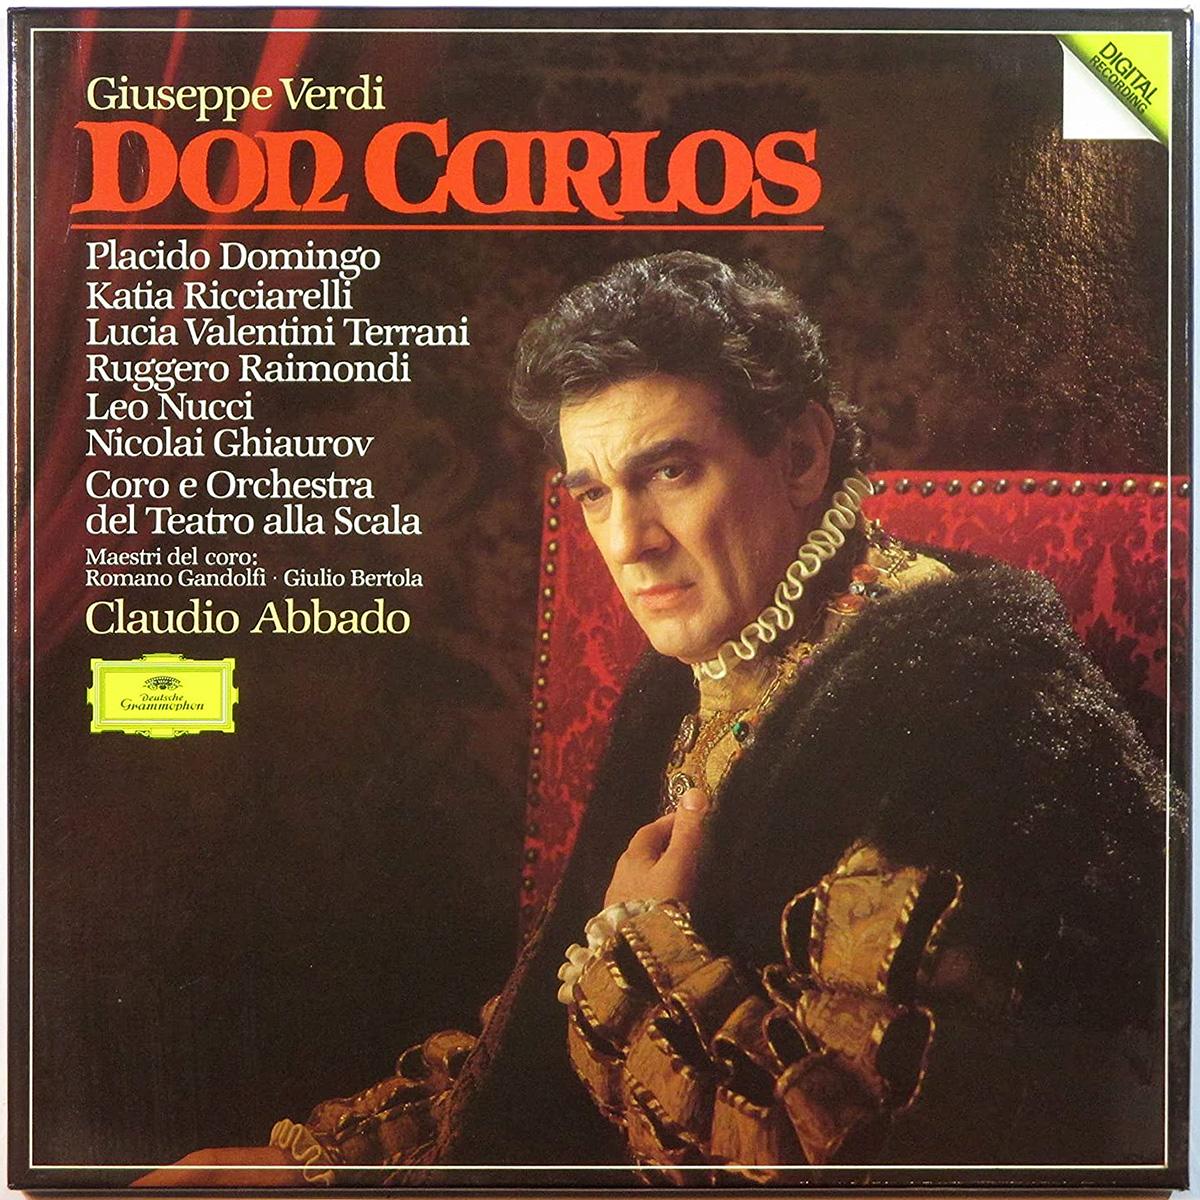 DGG 415 316 Verdi Don Carlos_ Abbado DGG Digital Aufnahme